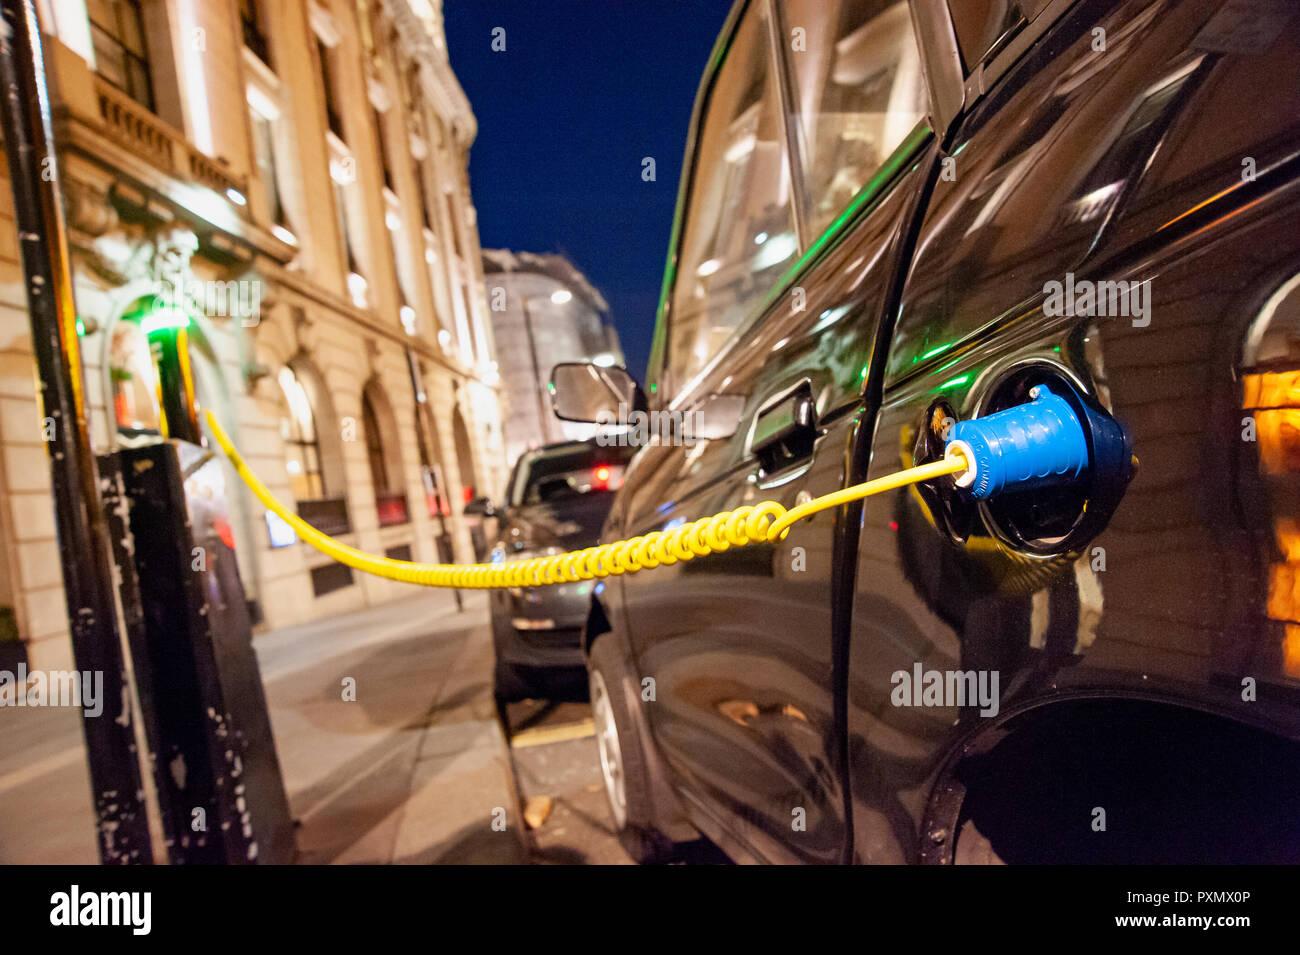 La voiture électrique se recharge dans un service de facturation de rue de la ville, Royaume-Uni, Londres Banque D'Images